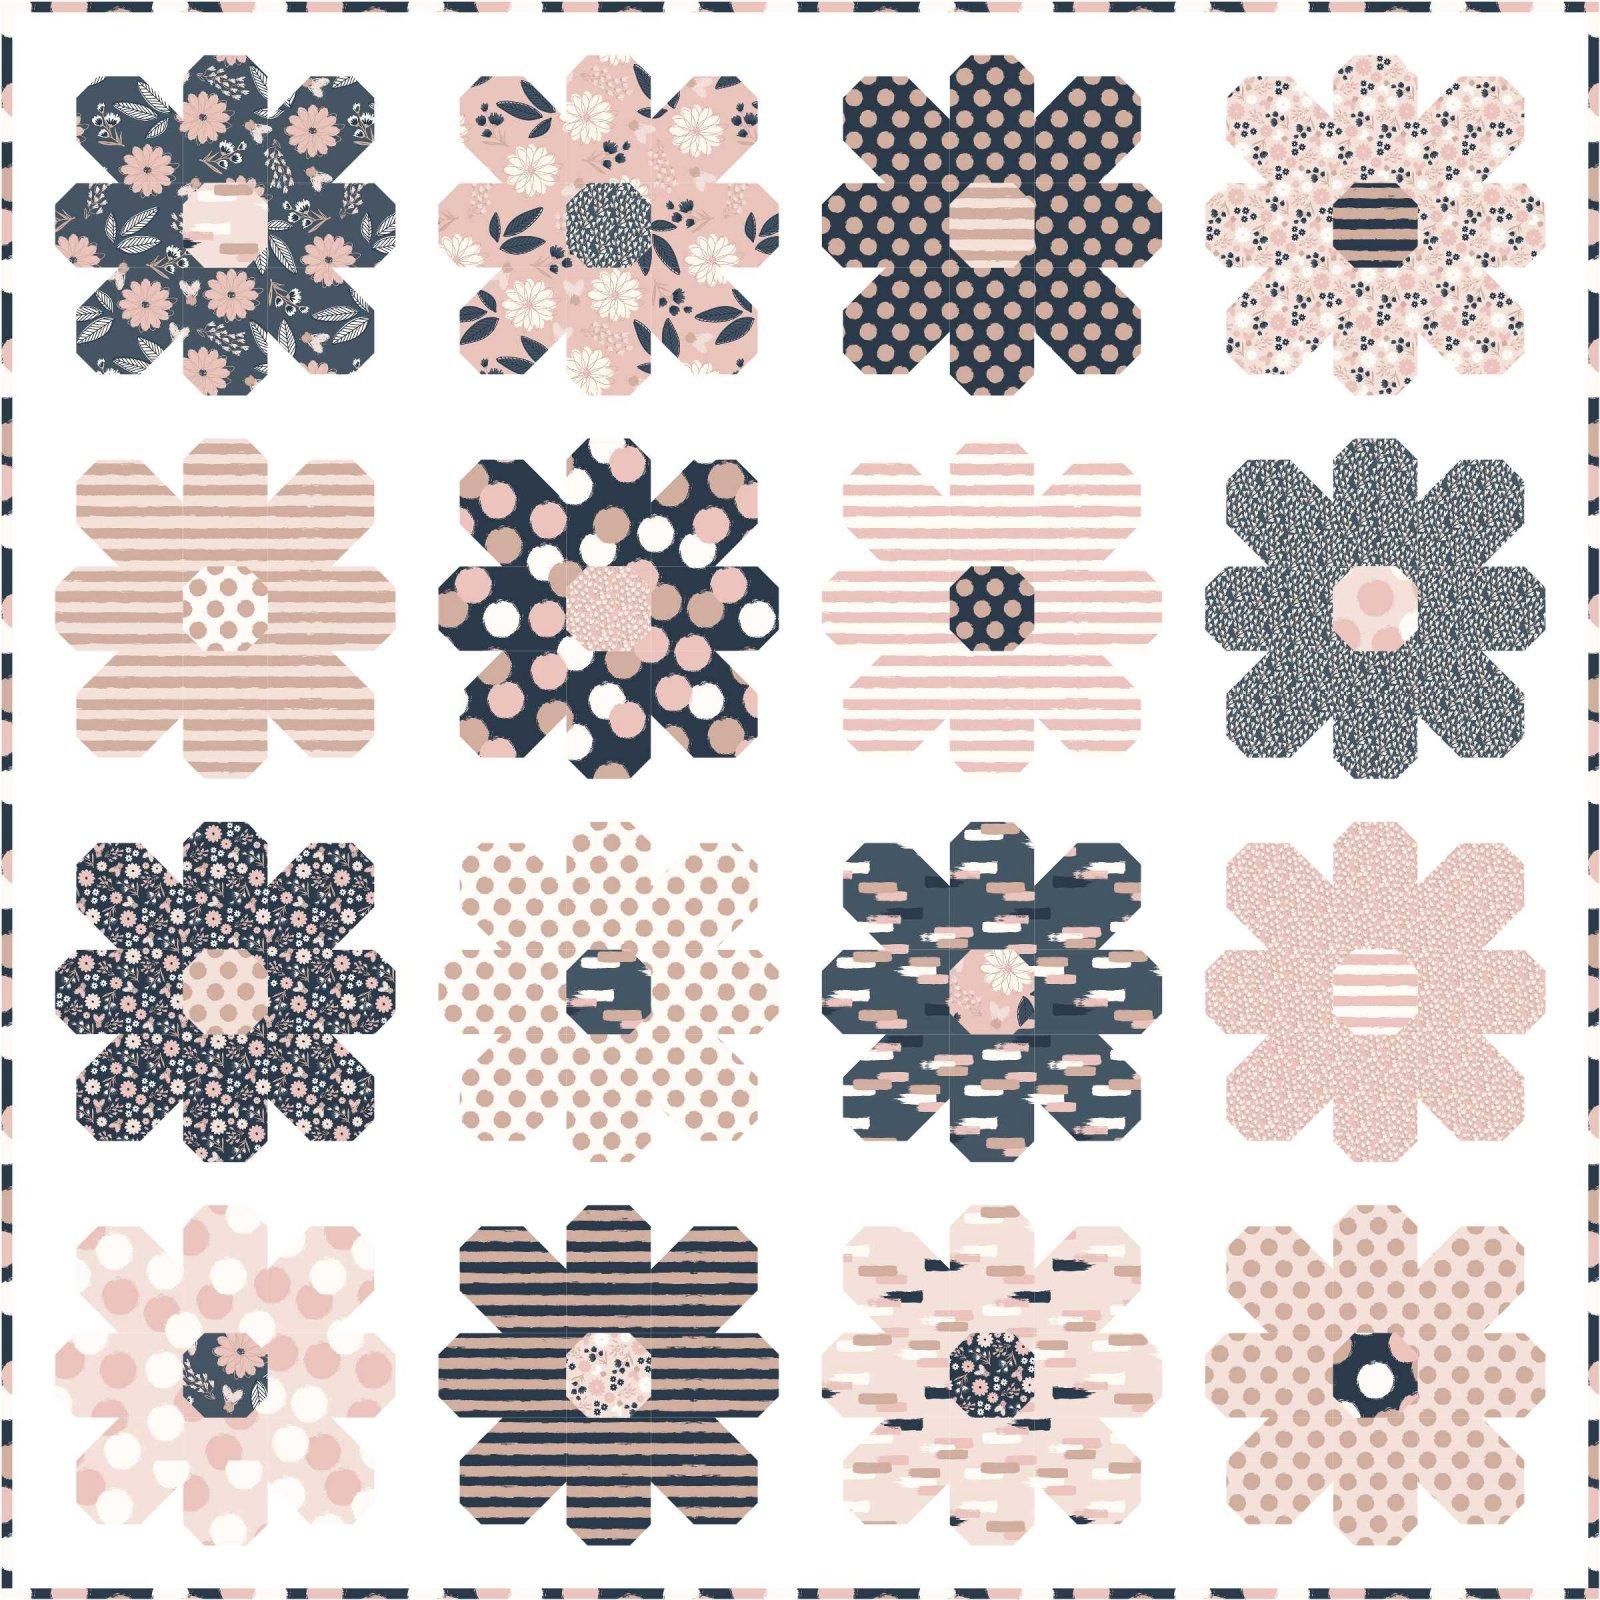 Flower Power quilt pattern by Kelli Fannin